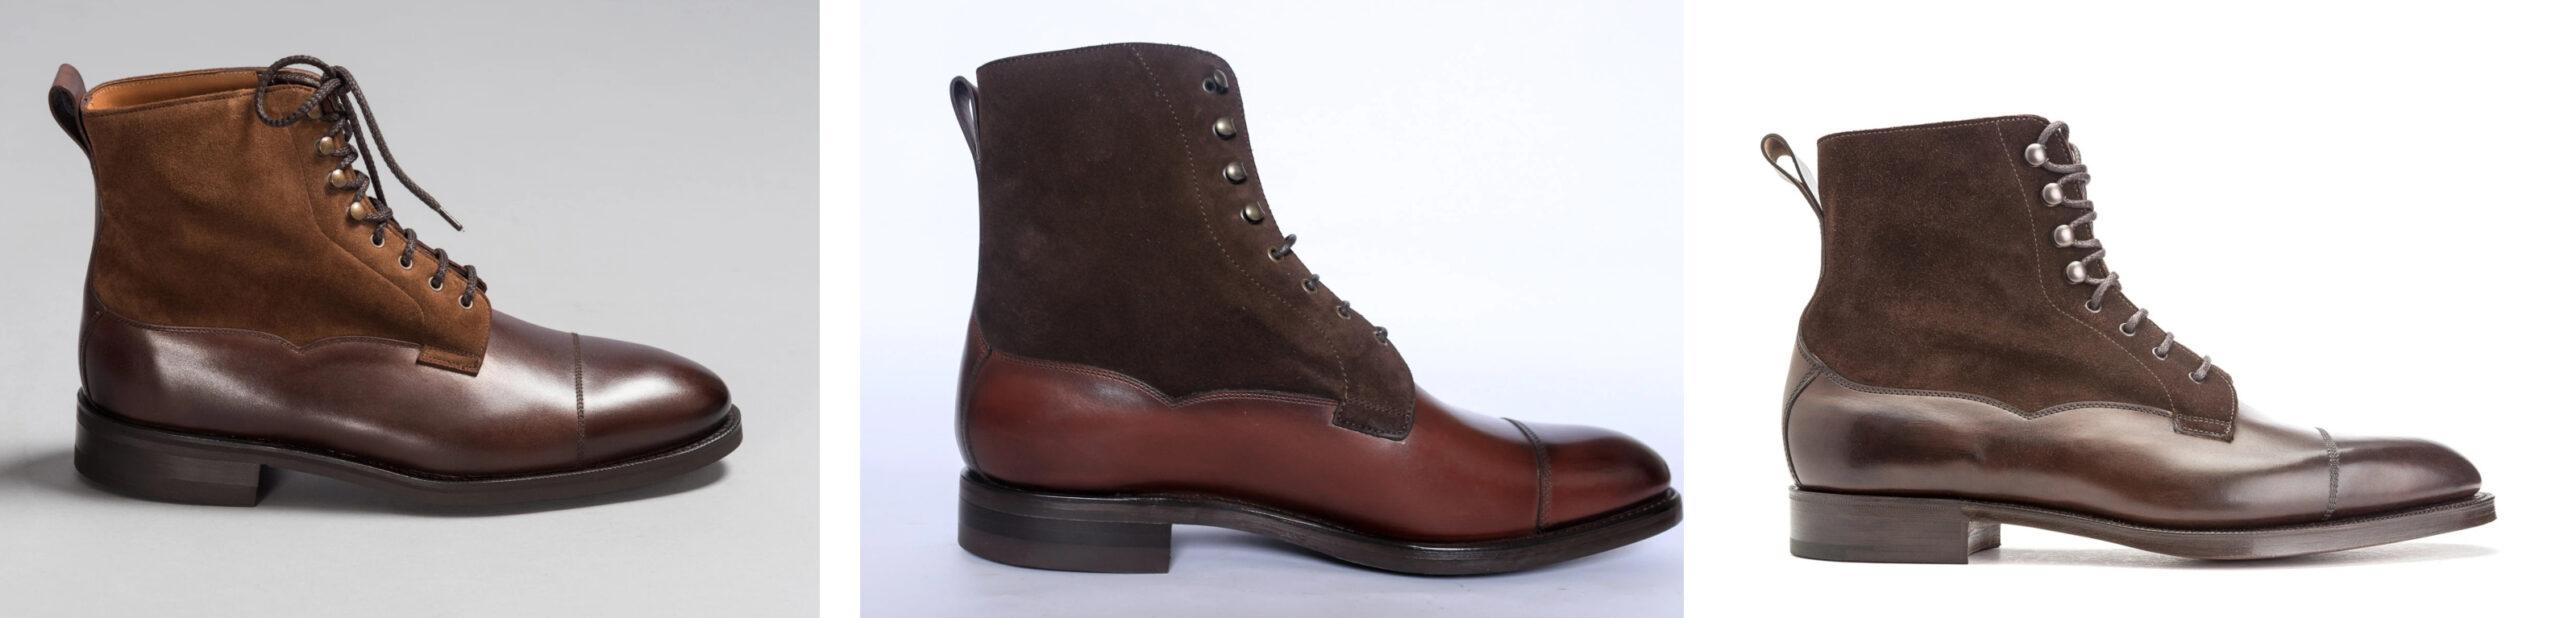 Un problème d'inspiration dans le monde de la chaussure ? La Galway est le modèle originel. (source: lof&tung, carlos santos, edward green).